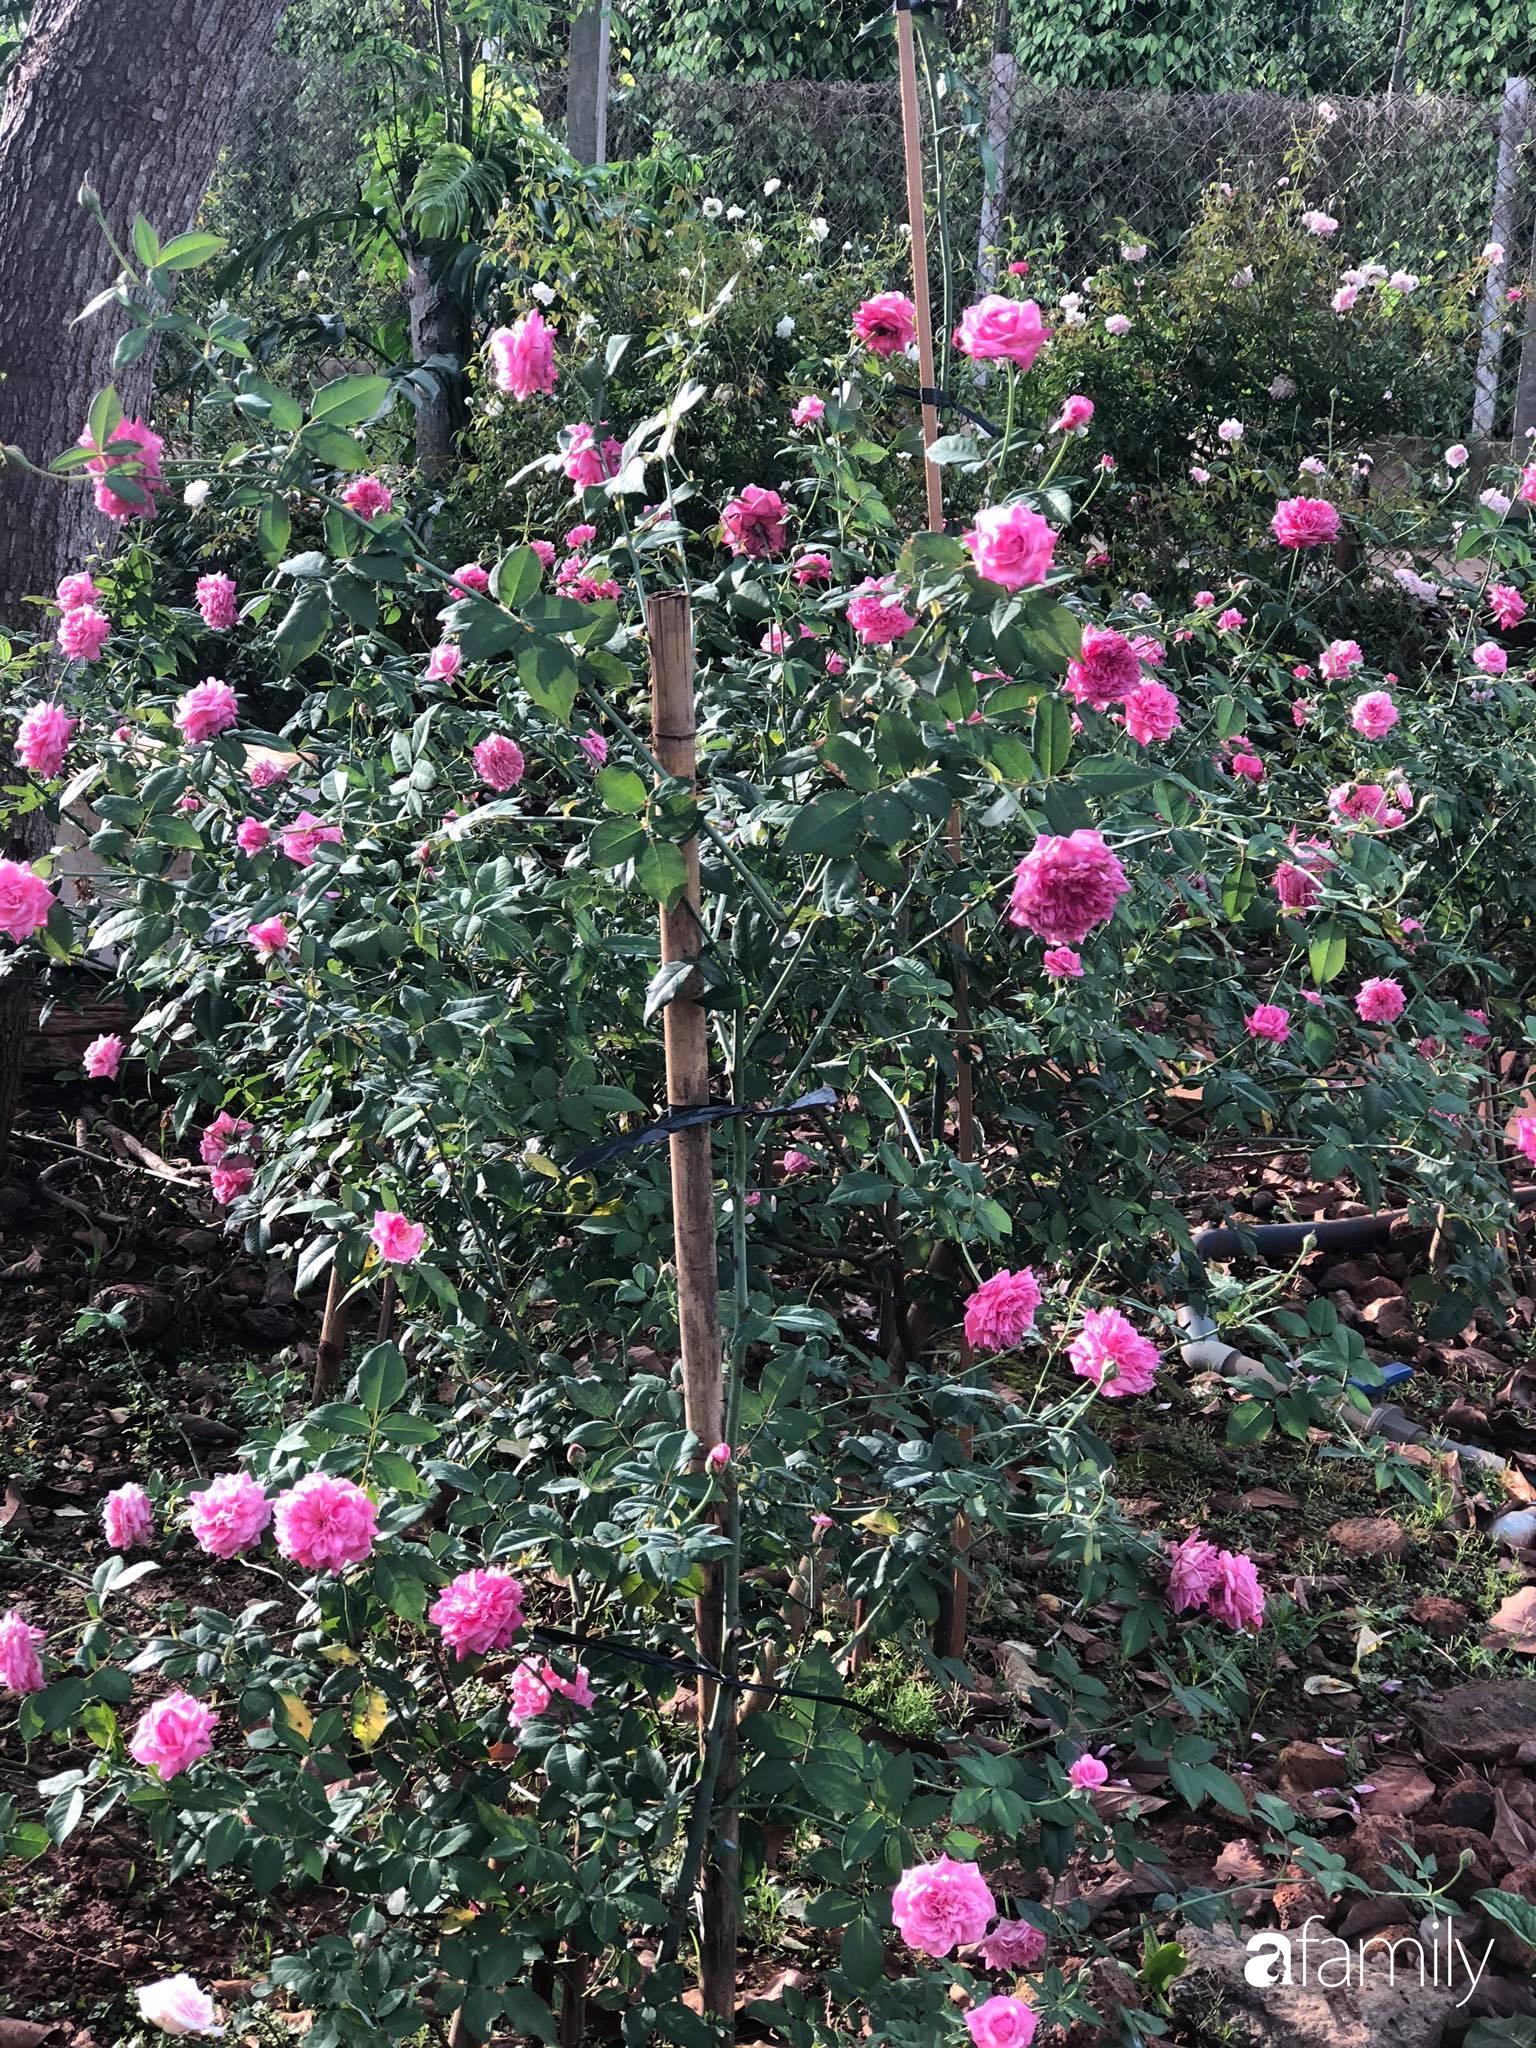 Khu vườn hoa hồng đẹp như cổ tích mà người chồng ngày đêm chăm sóc để tặng vợ con ở Vũng Tàu-7